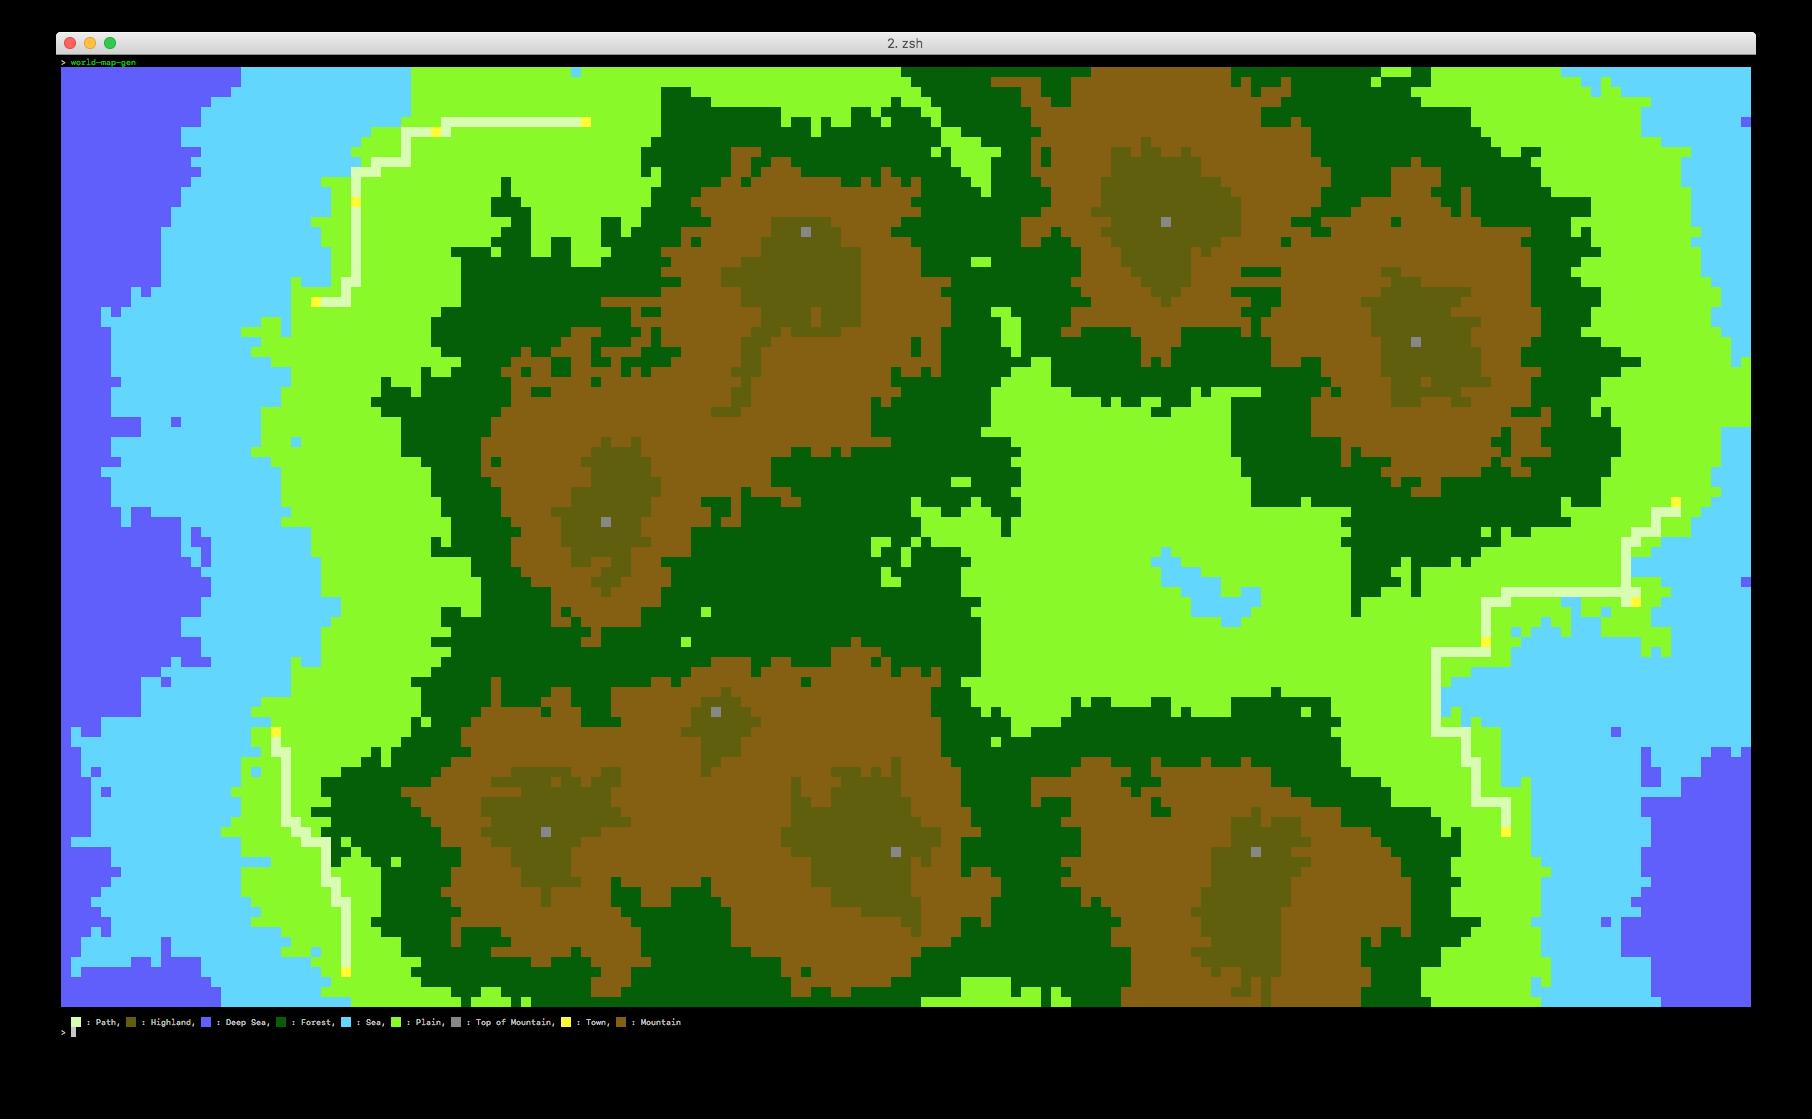 screenshot of map in terminal